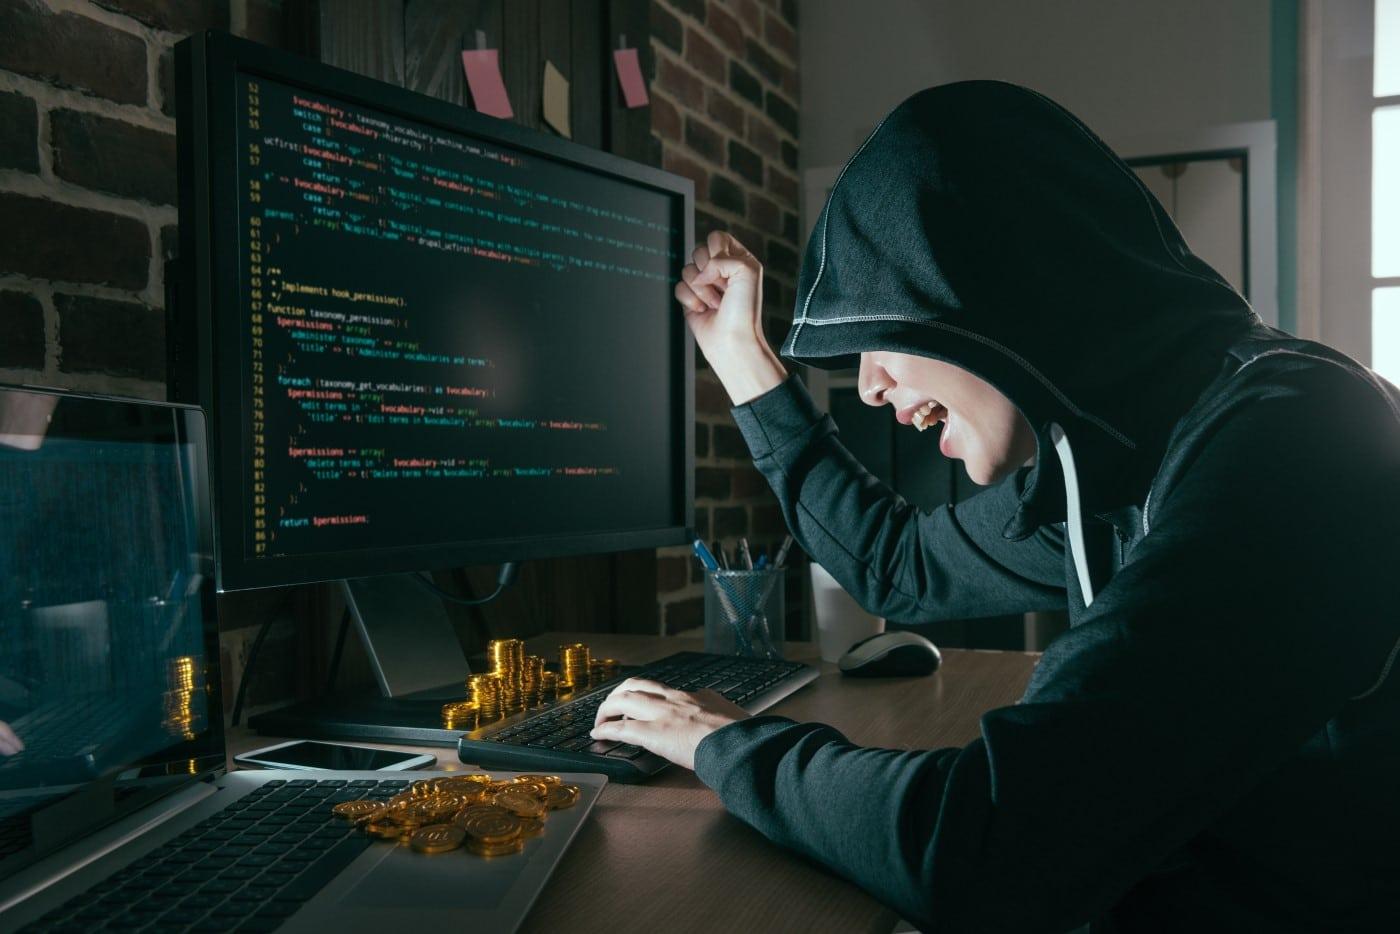 cartera-bitcoin-seguridad-github